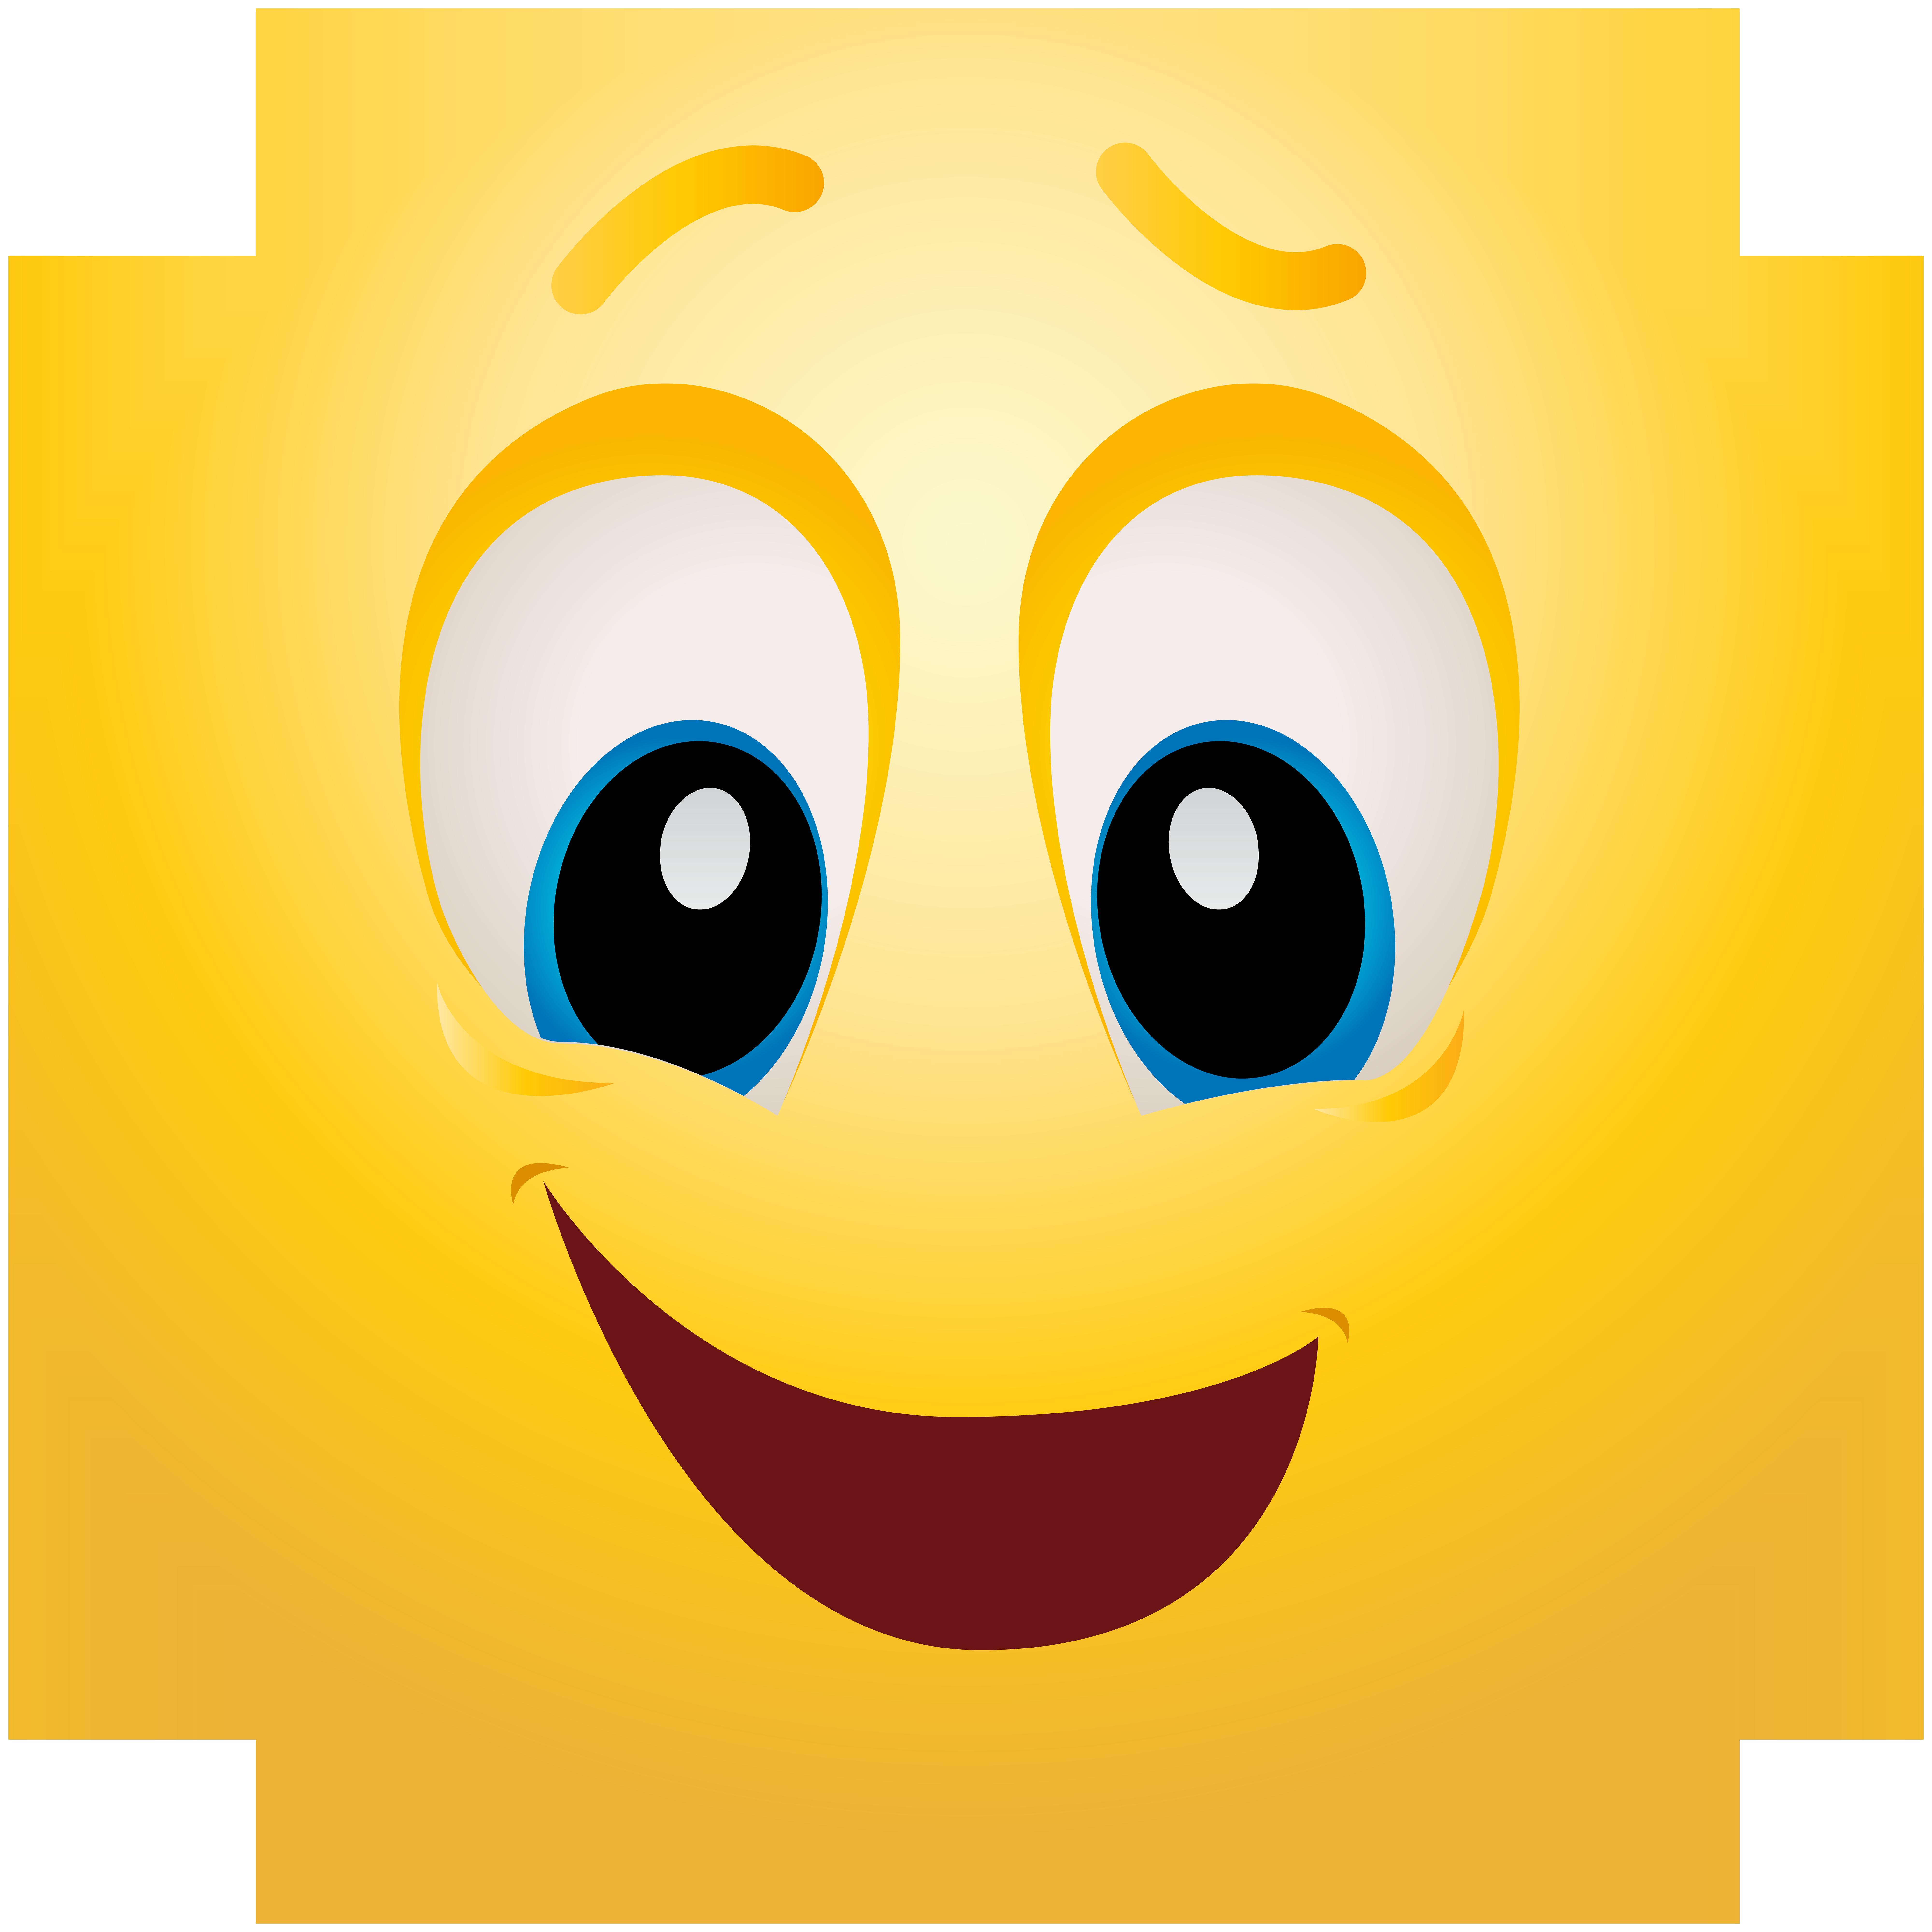 Feeling Happy Emoticon.